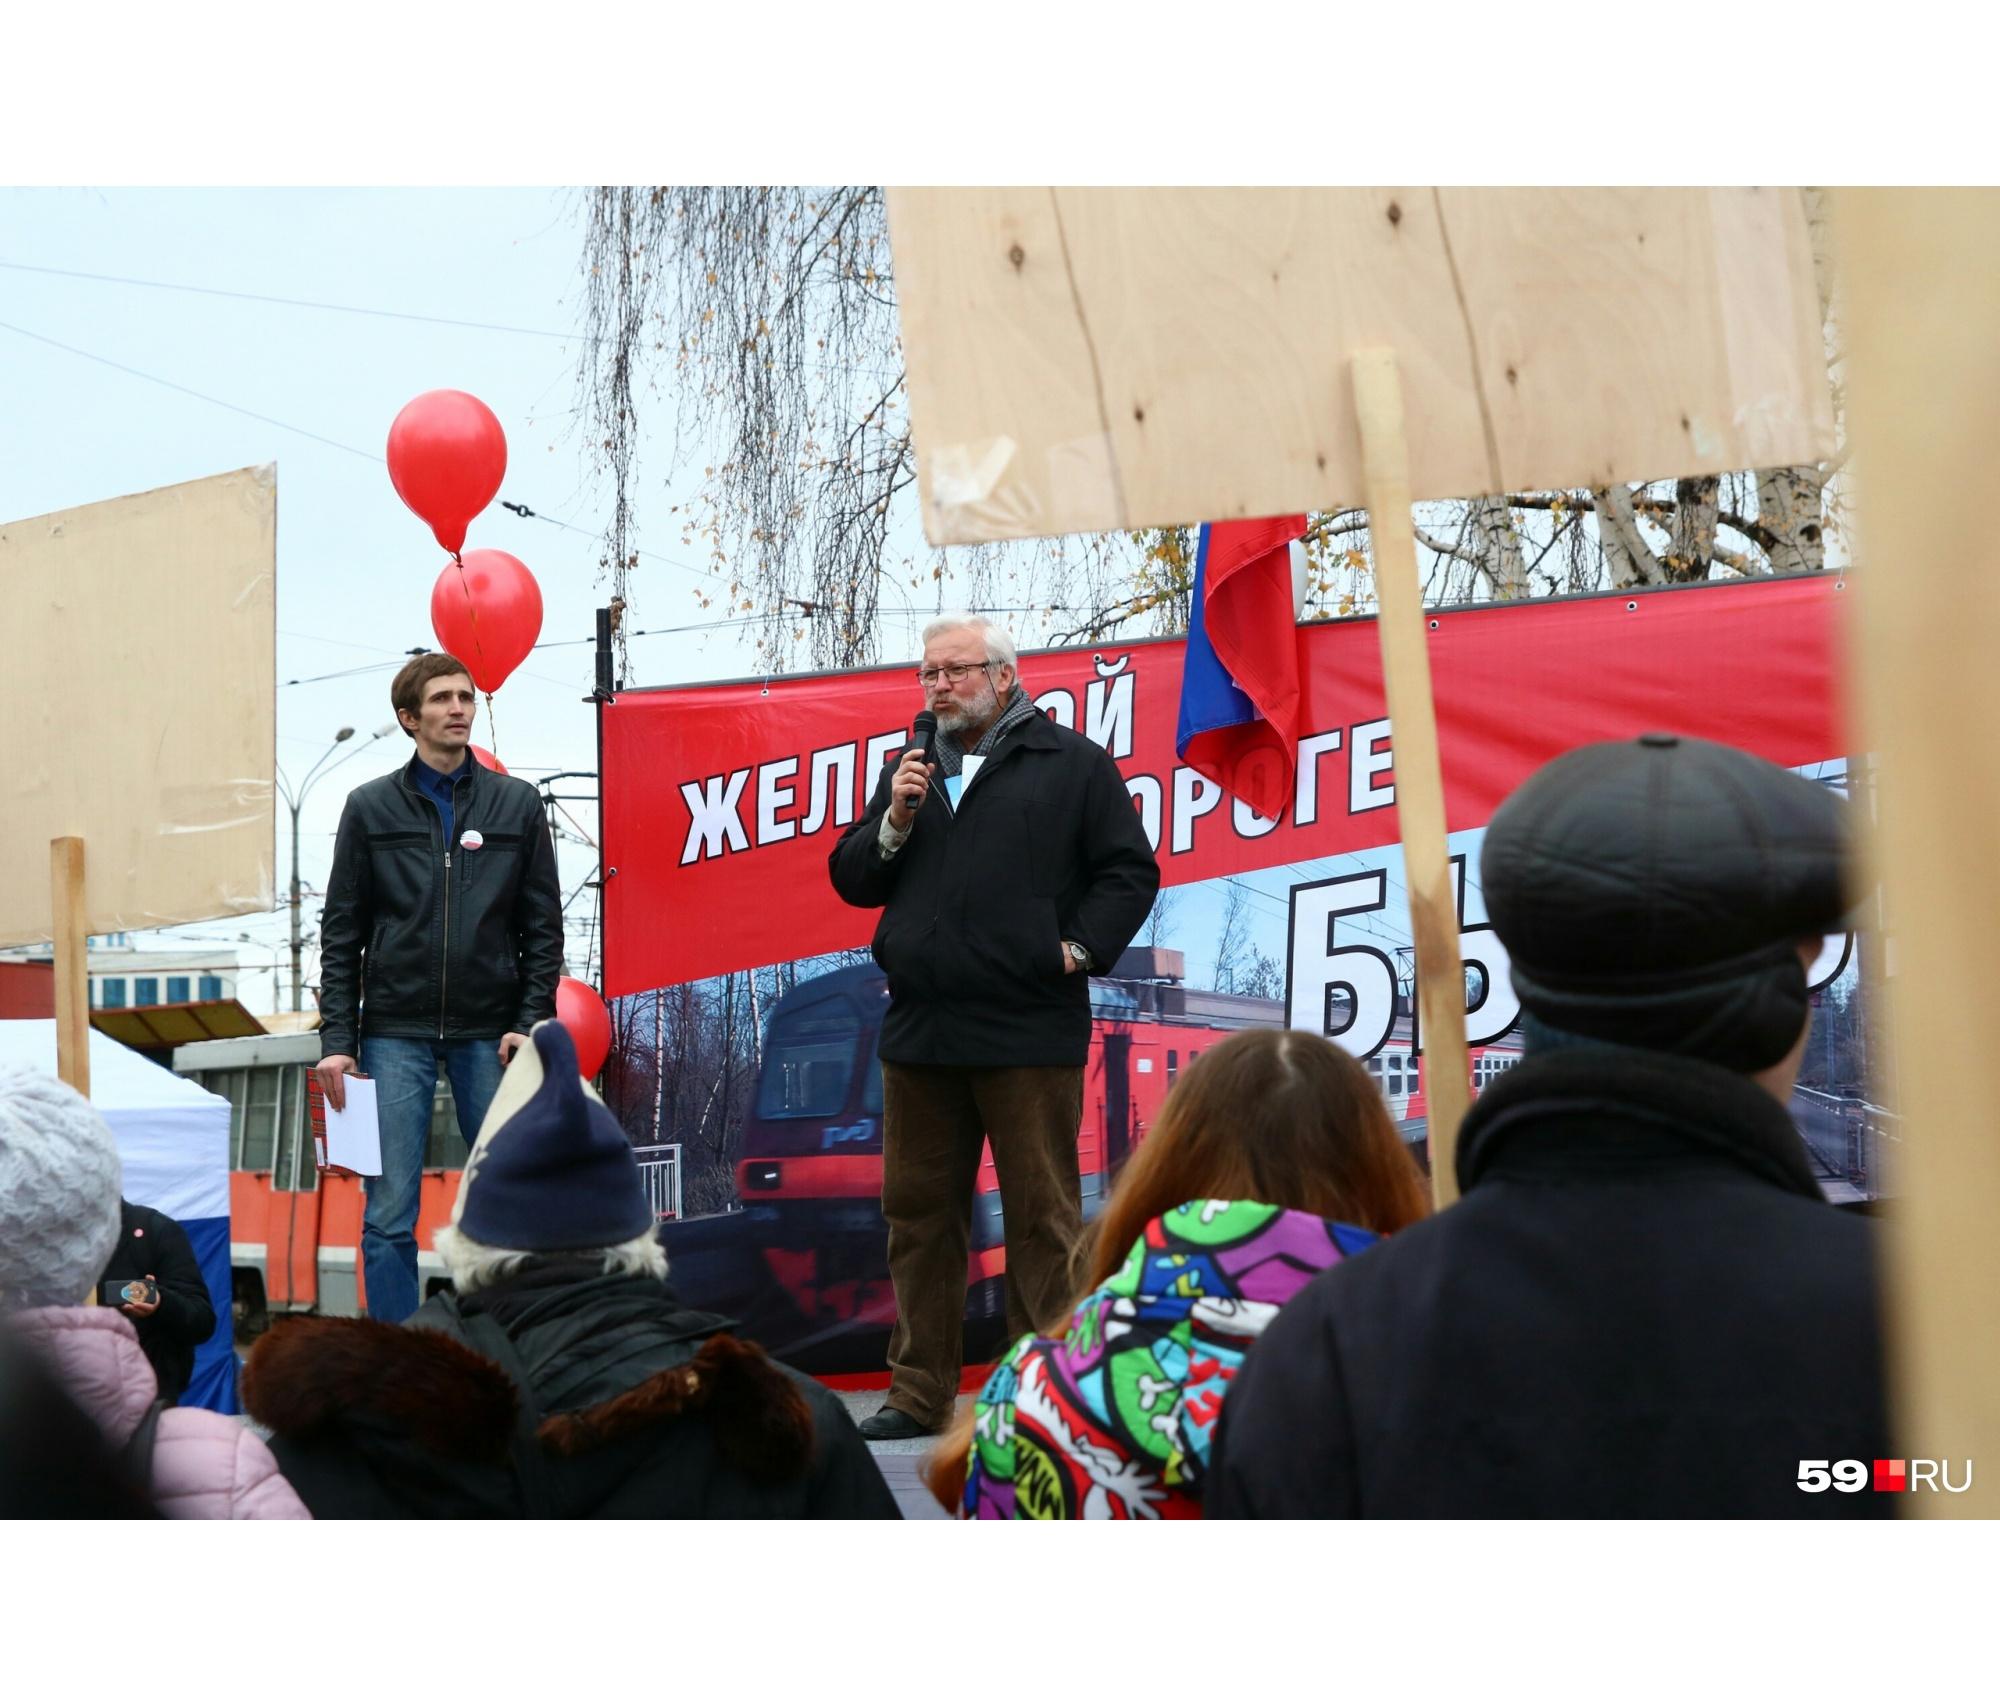 Михаил Плаксин тоже выступил на митинге